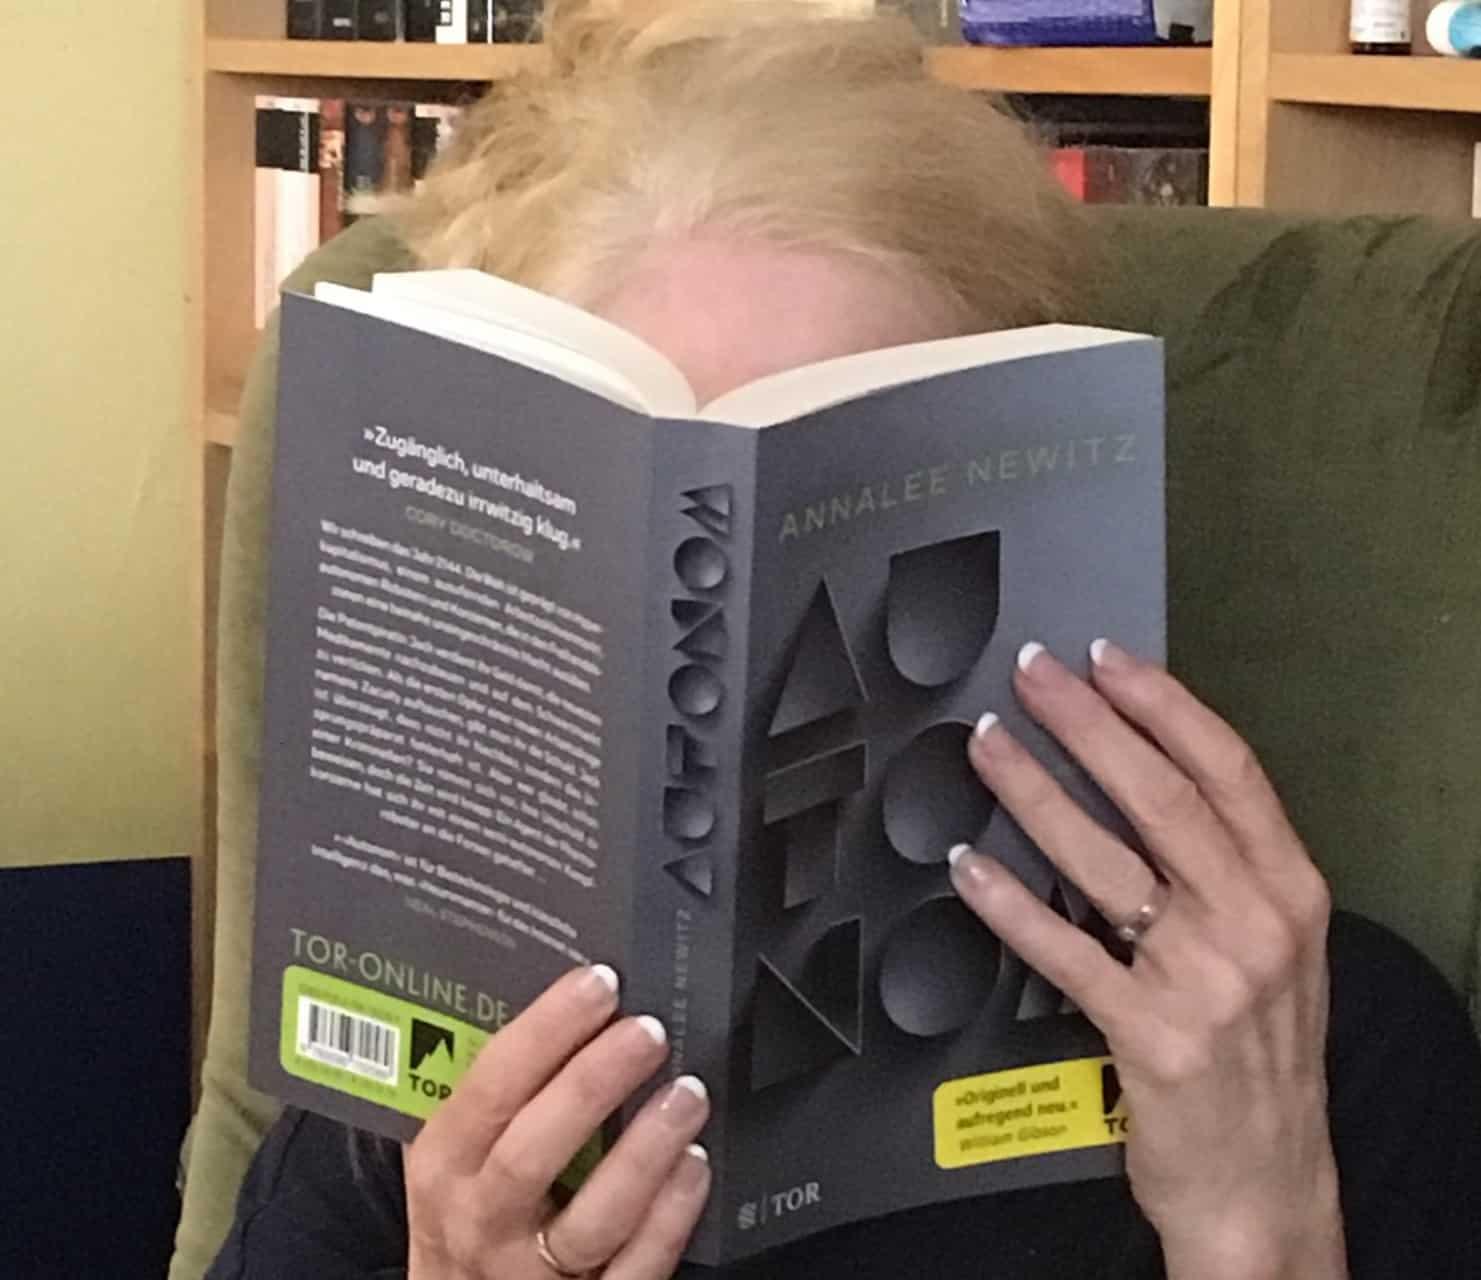 Autonom Annalee Newitz Sciencefiction Literaturblog Schreibblogg